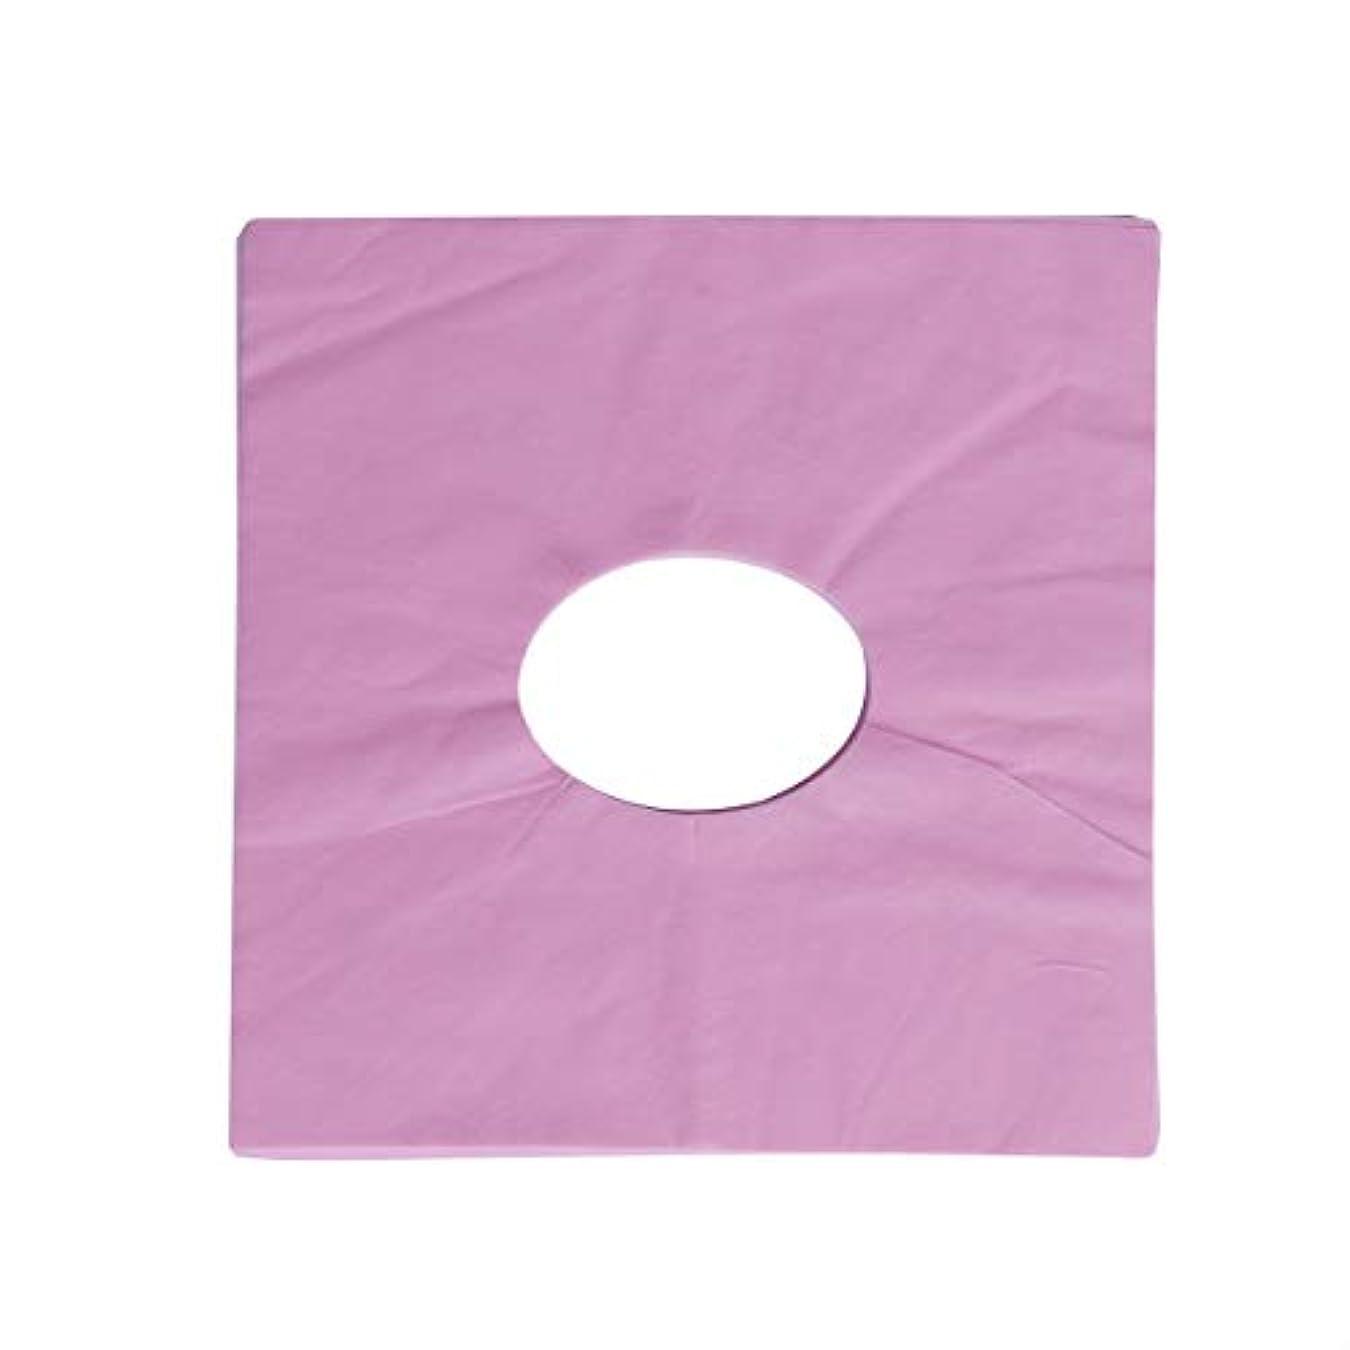 姉妹緯度緯度Healifty 100ピース使い捨てマッサージフェイスクレードルカバーフェイスマッサージヘッドレストカバースパ用美容院マッサージ(ピンク)